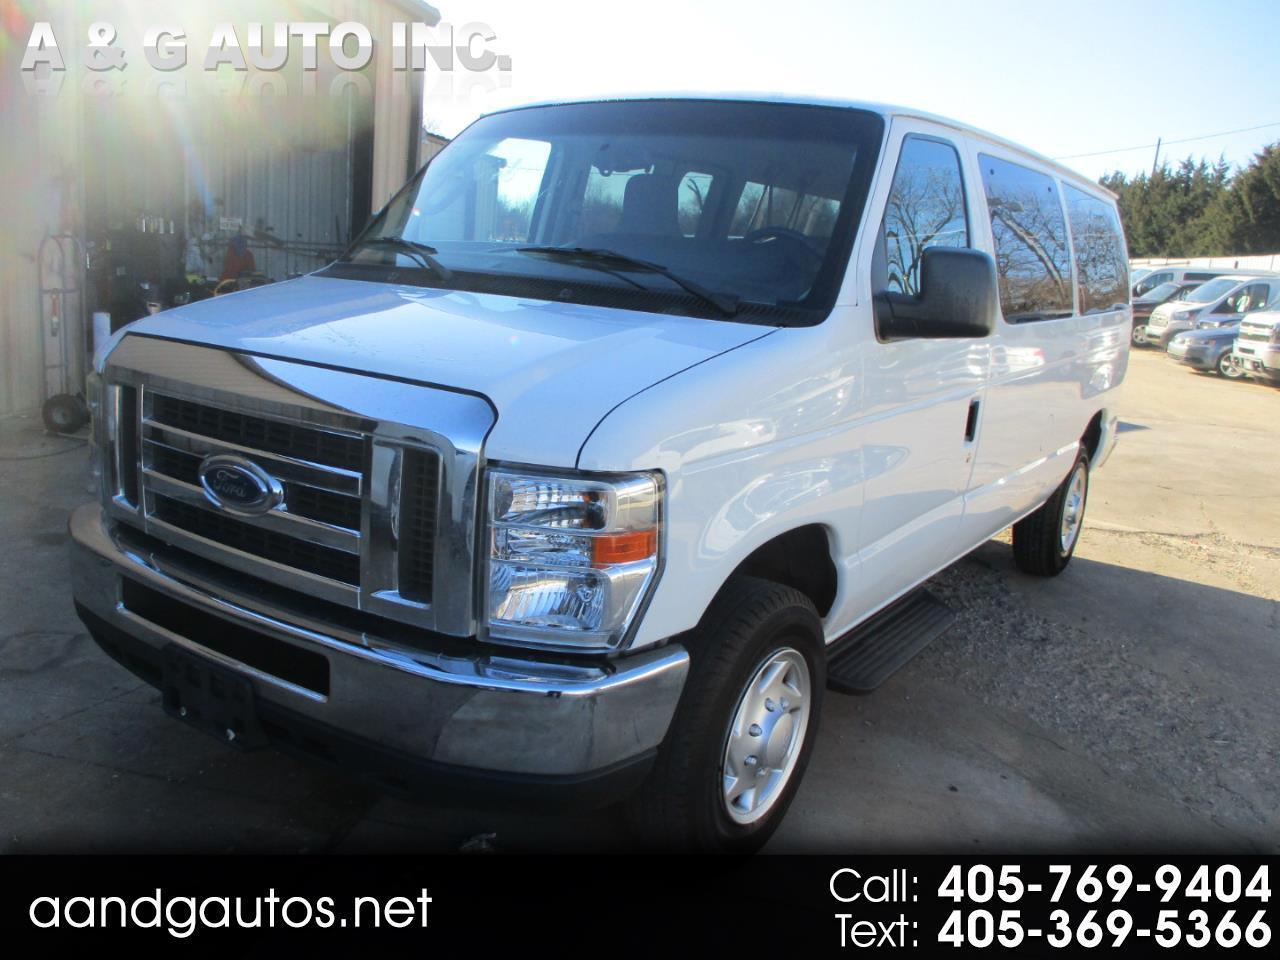 Ford Econoline E-350 XL Super Duty 2012